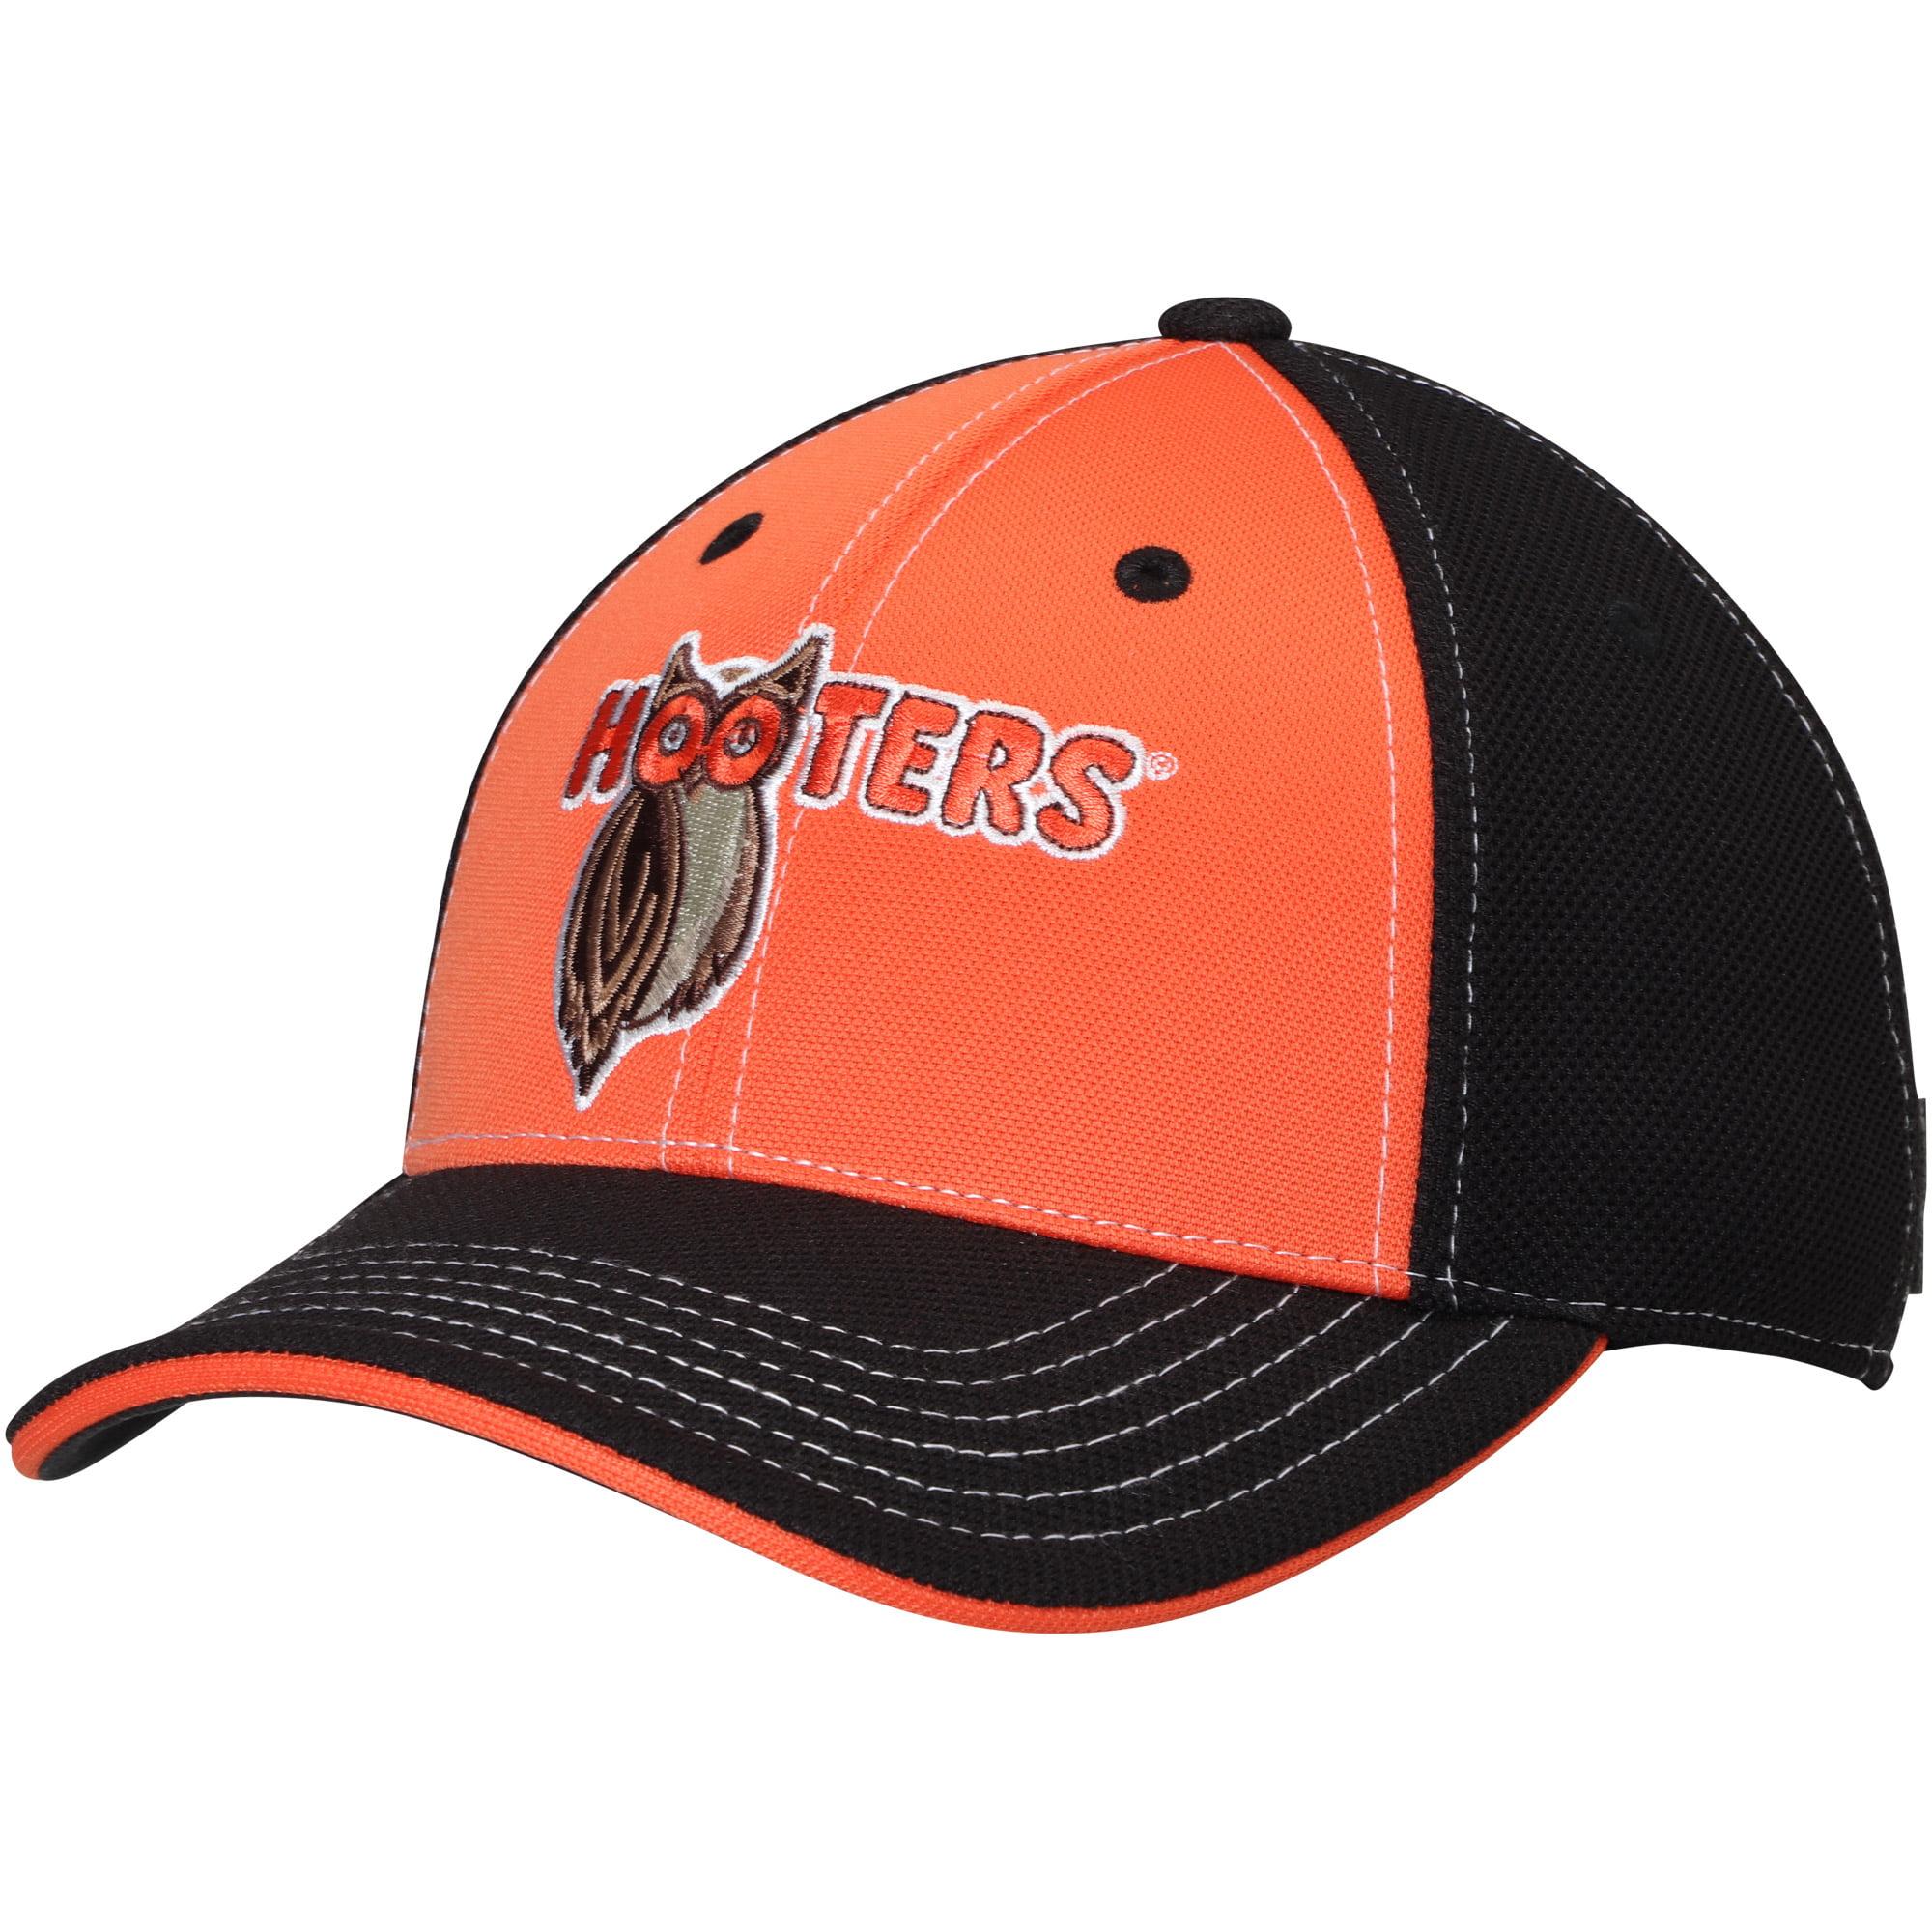 Chase Elliott Hooters Hendrick Motorsports Team Adjustable Hat - Orange/Black - OSFA